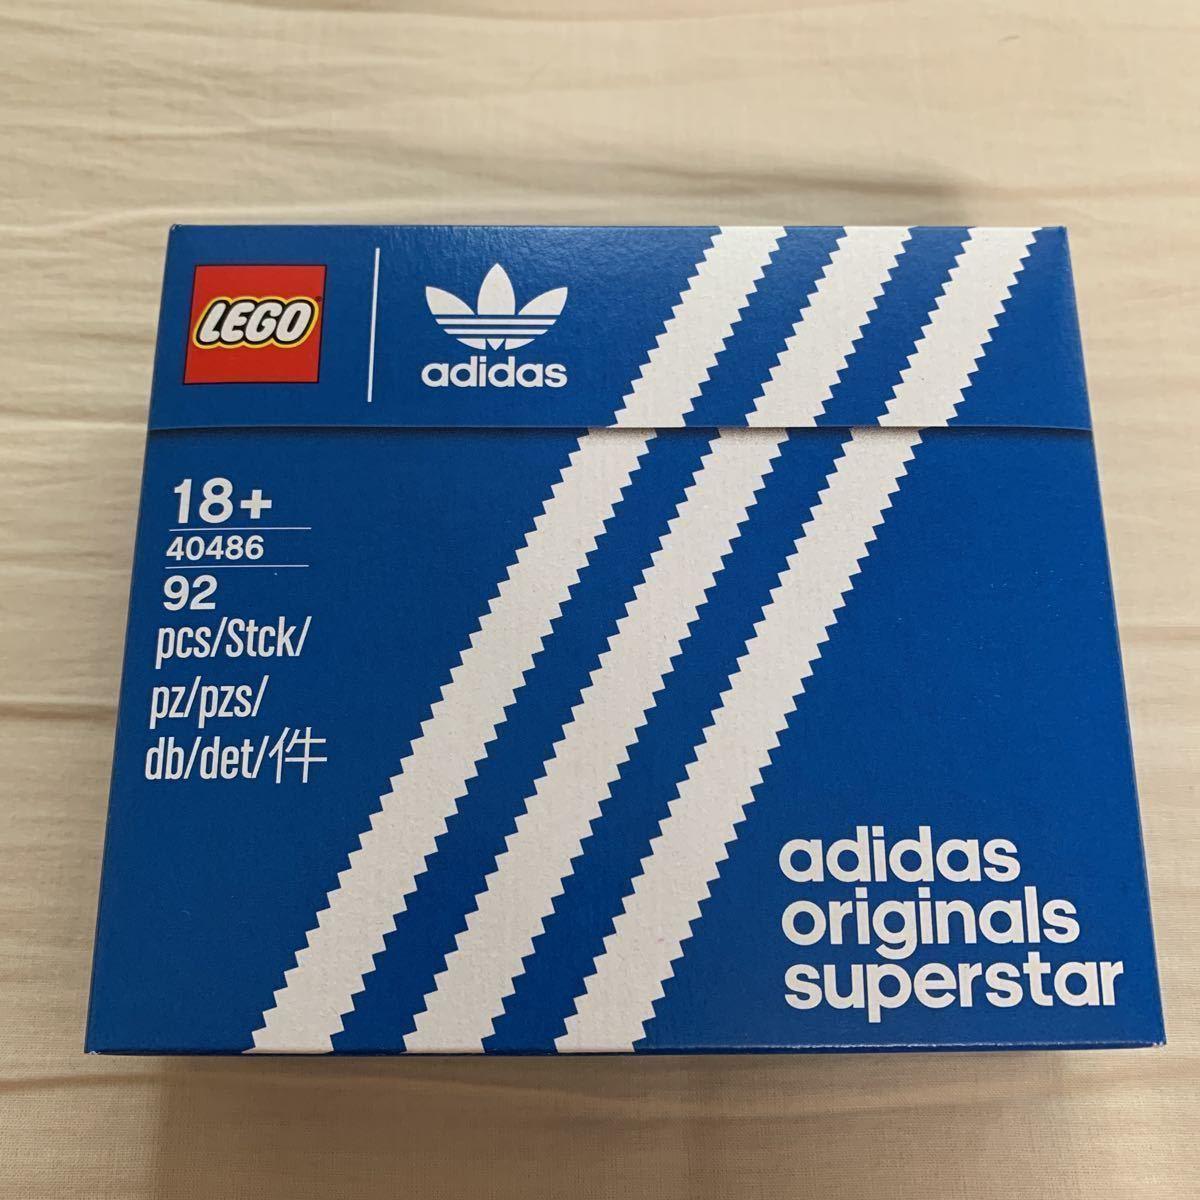 LEGO 40489 非売品 adidas アディダス ミニフィグ_画像2